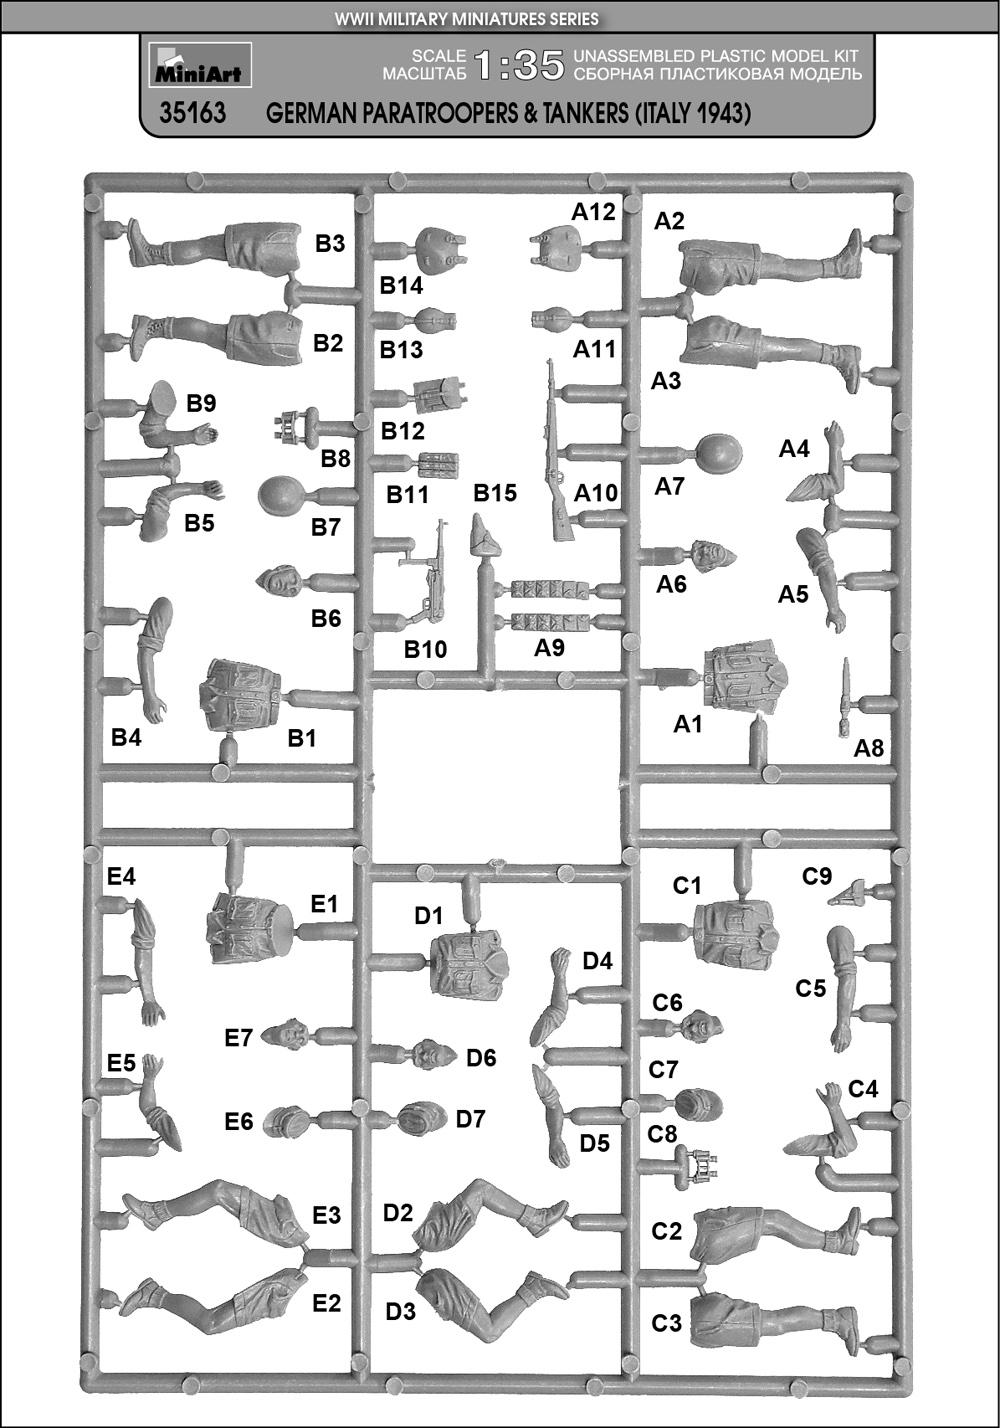 35163 DEUTSCHE FALLSCHIRMJÄGER & TANKERN (Italy 1943)